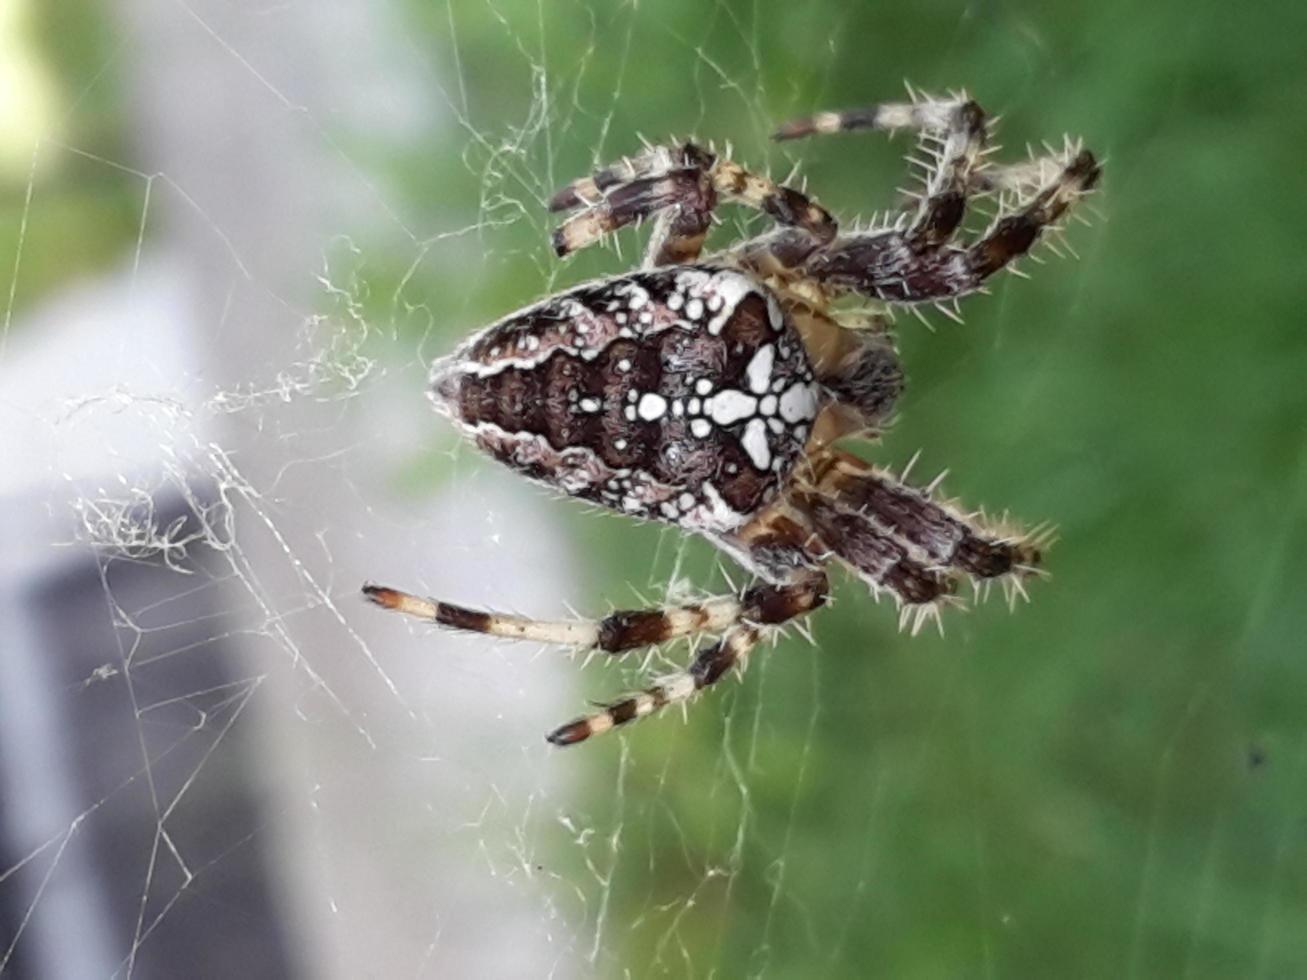 una araña esperando a su presa en su telaraña foto